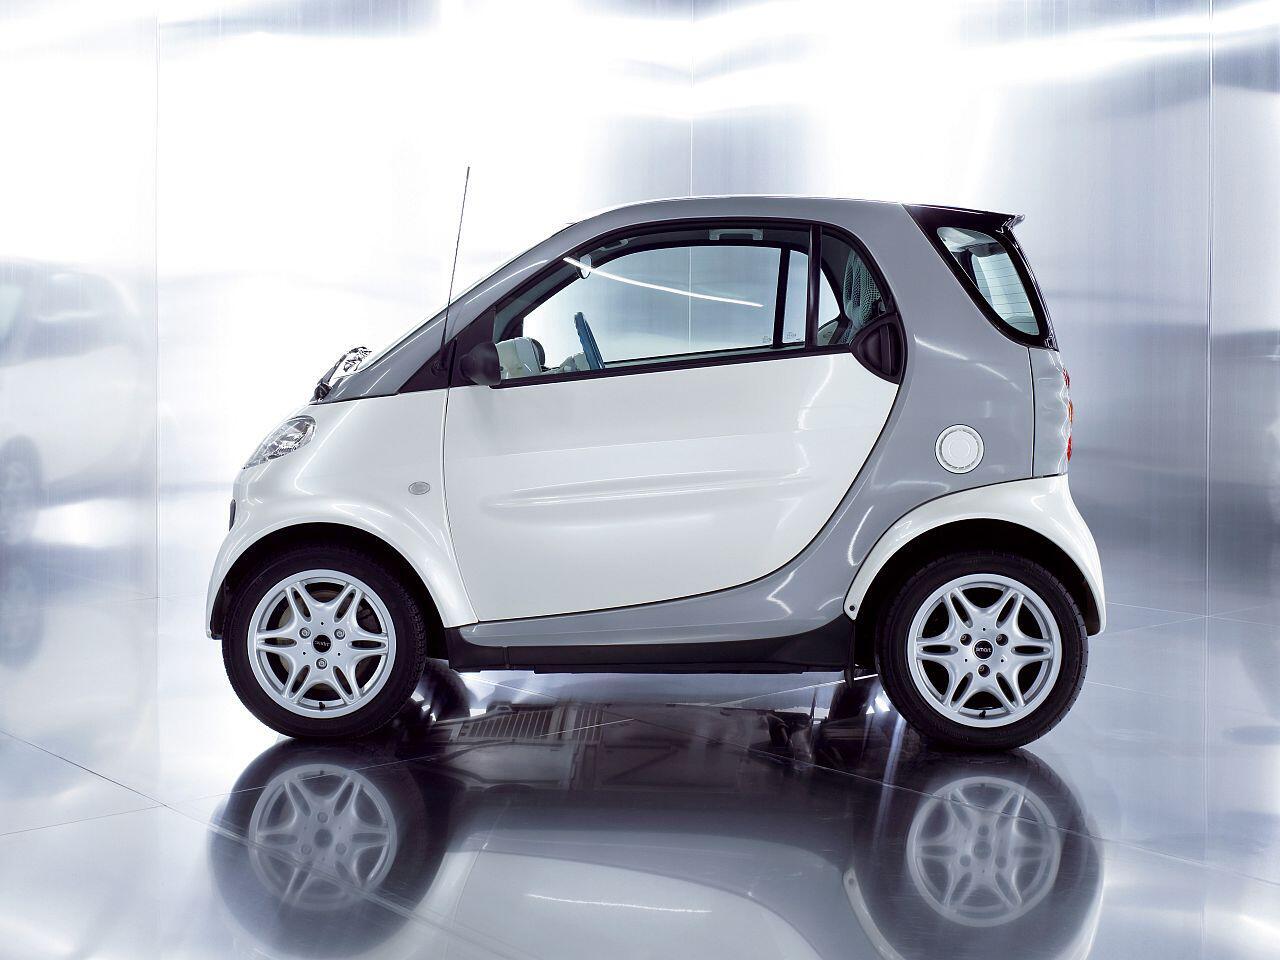 Bild zu Smart Fortwo Coupé: Mit einer Länge von 2,70 Metern das kürzeste Großserien-Auto